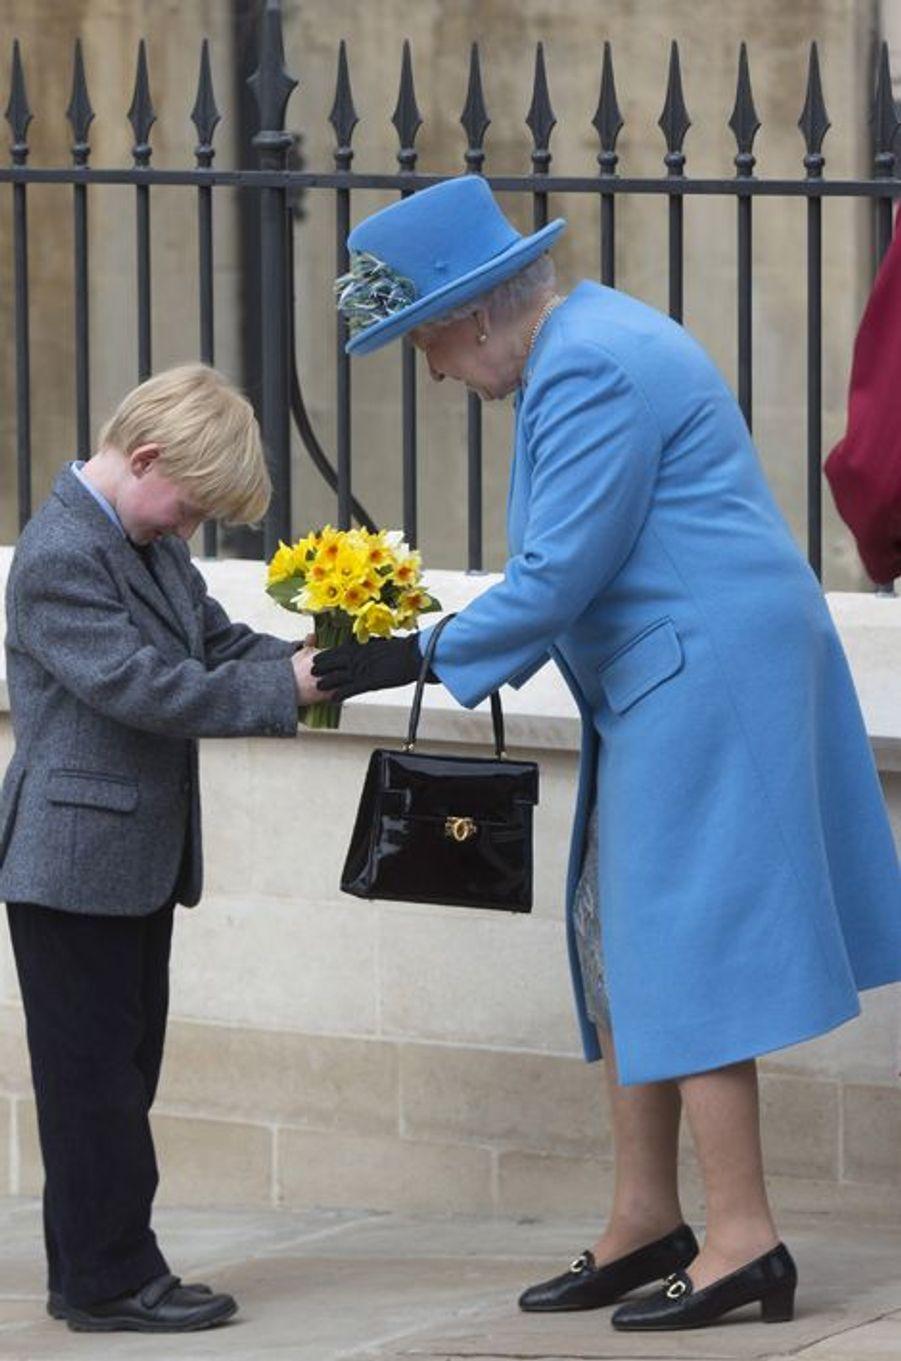 Le petit Milo Fairman remet un bouquet à la reine Elizabeth II à Windsor, le 5 avril 2015